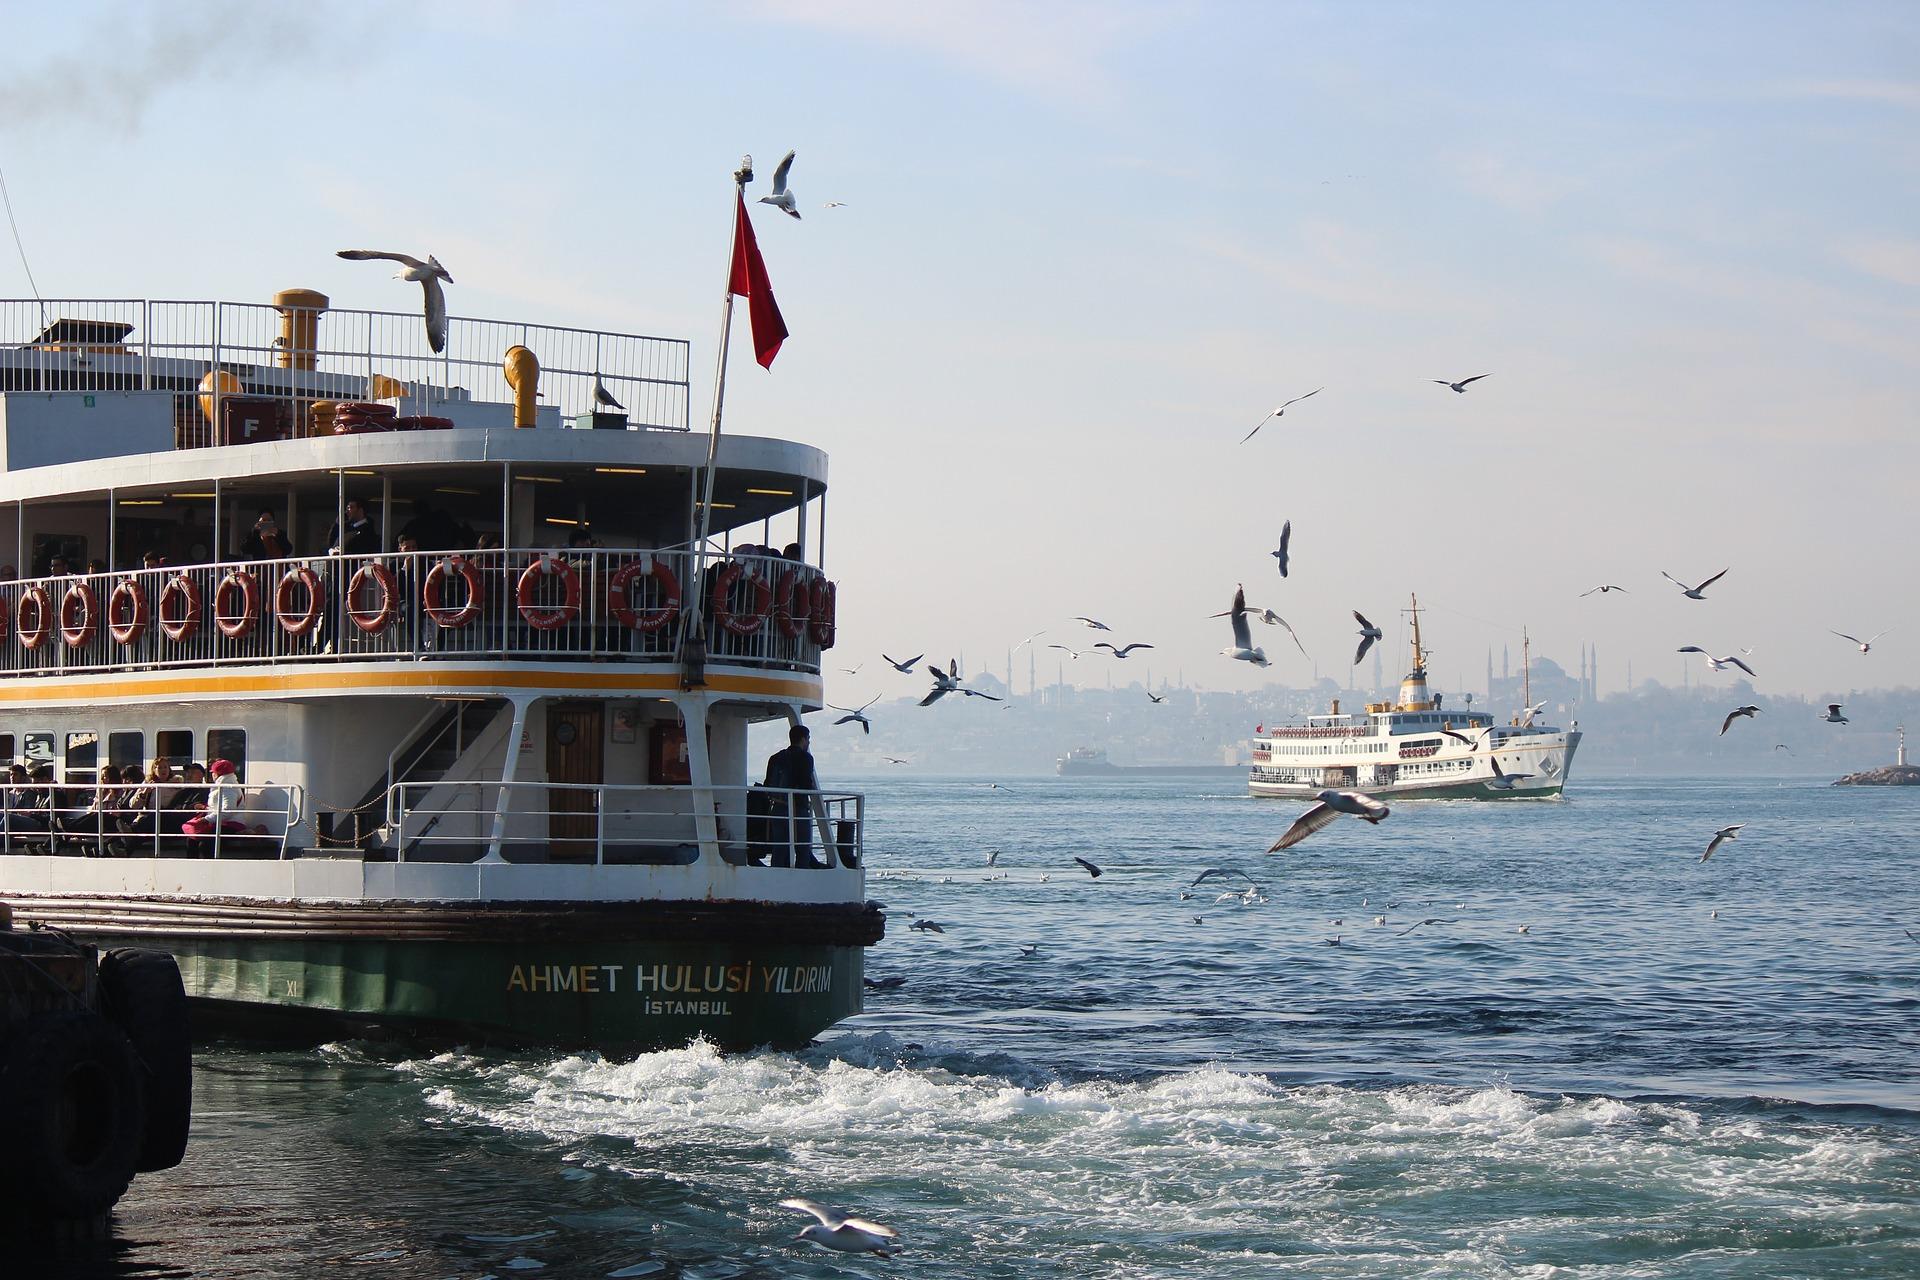 Seværdigheder og oplevelser i Istanbul